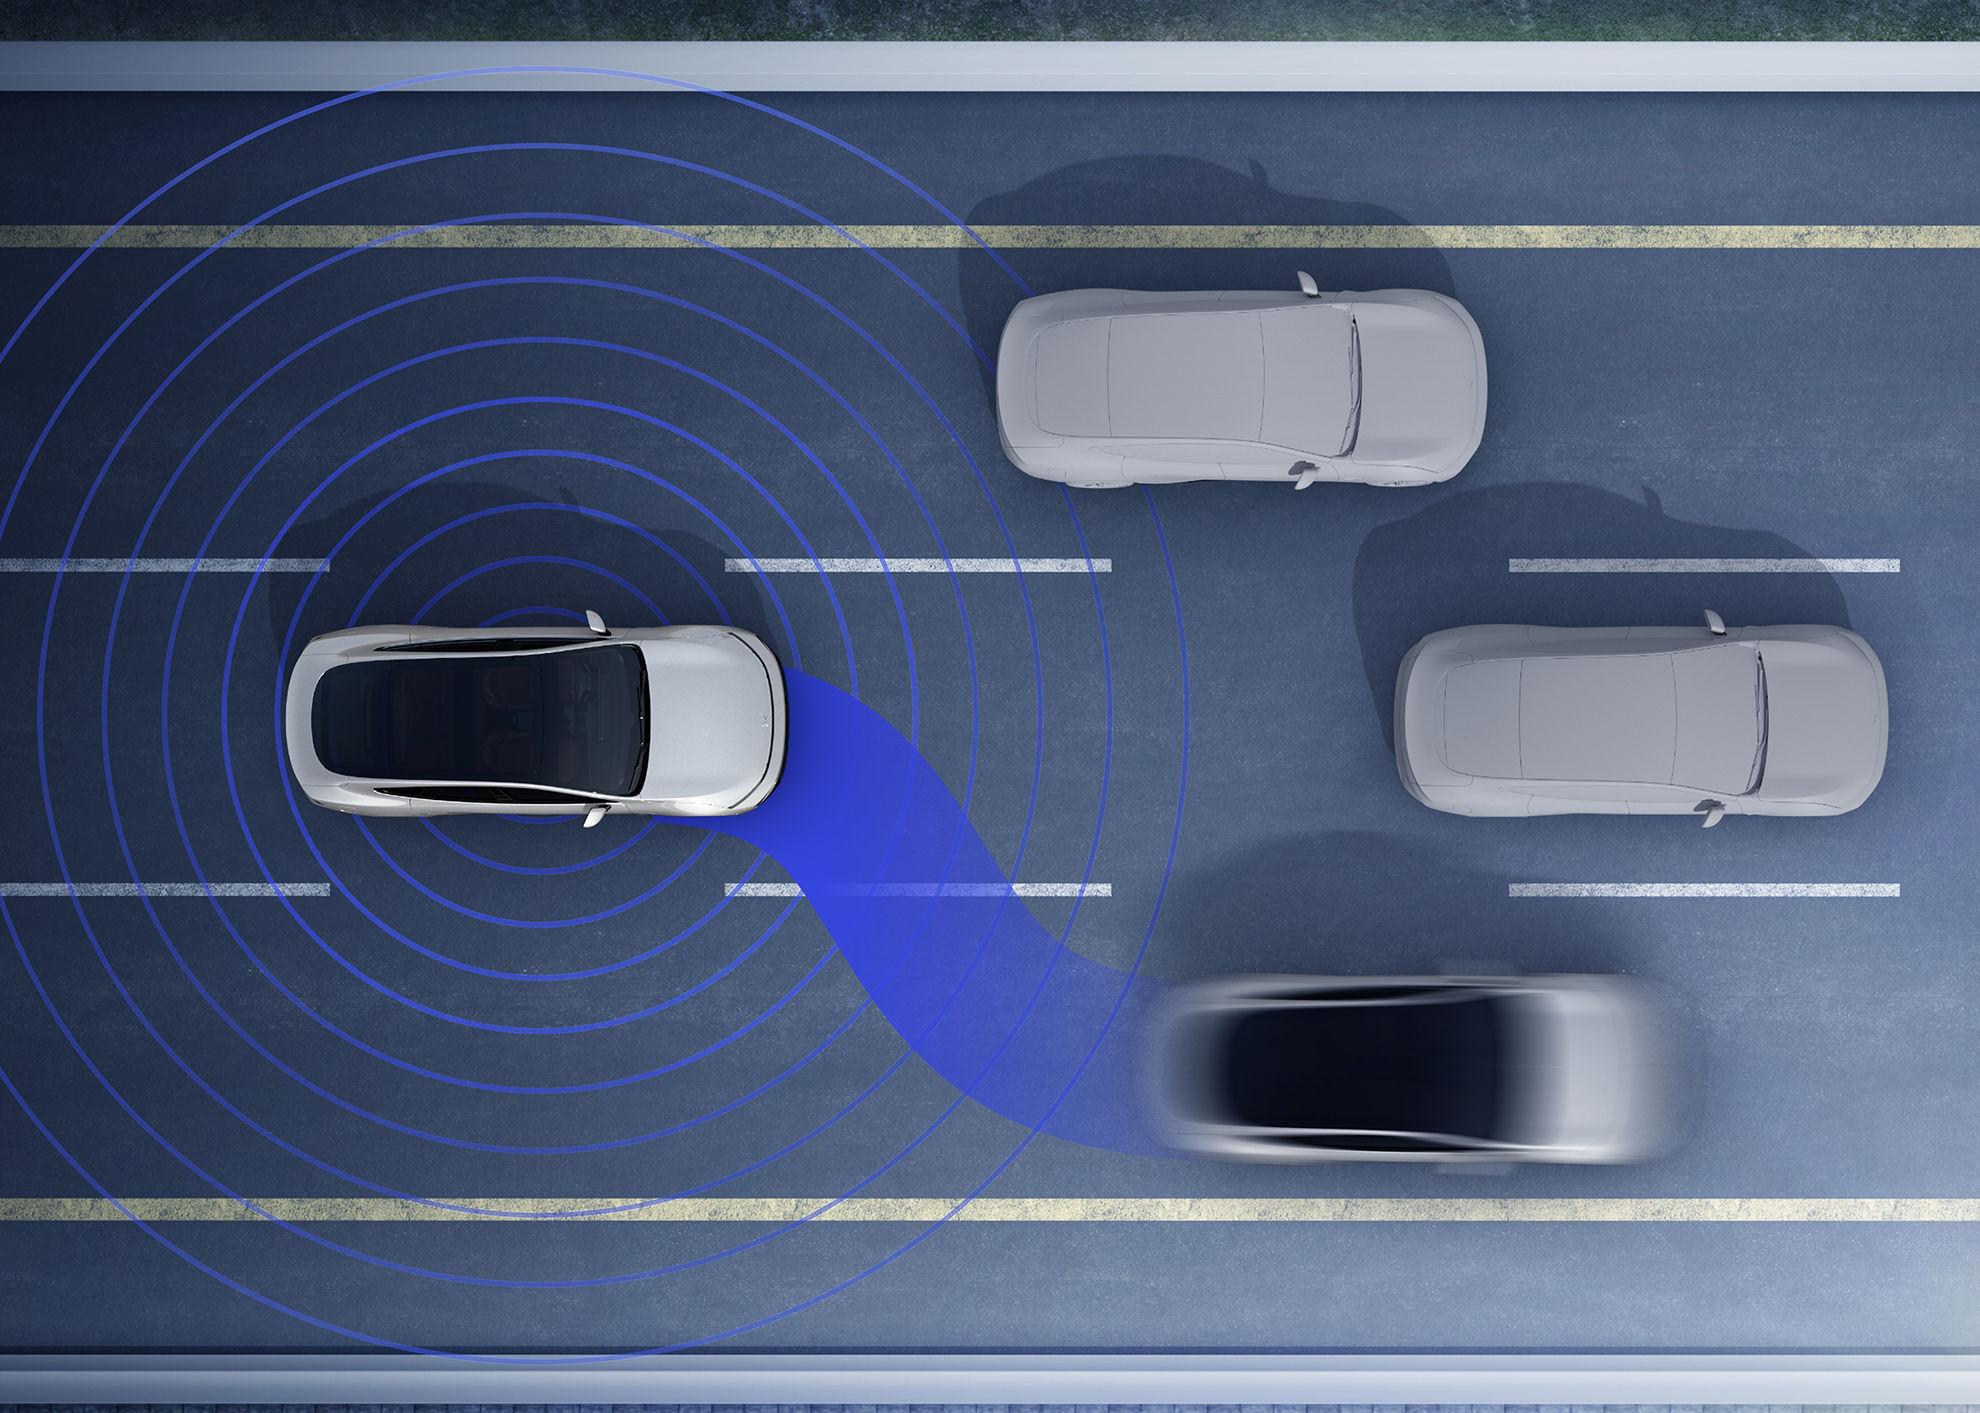 小鹏智能驾驶功能 | 小鹏汽车